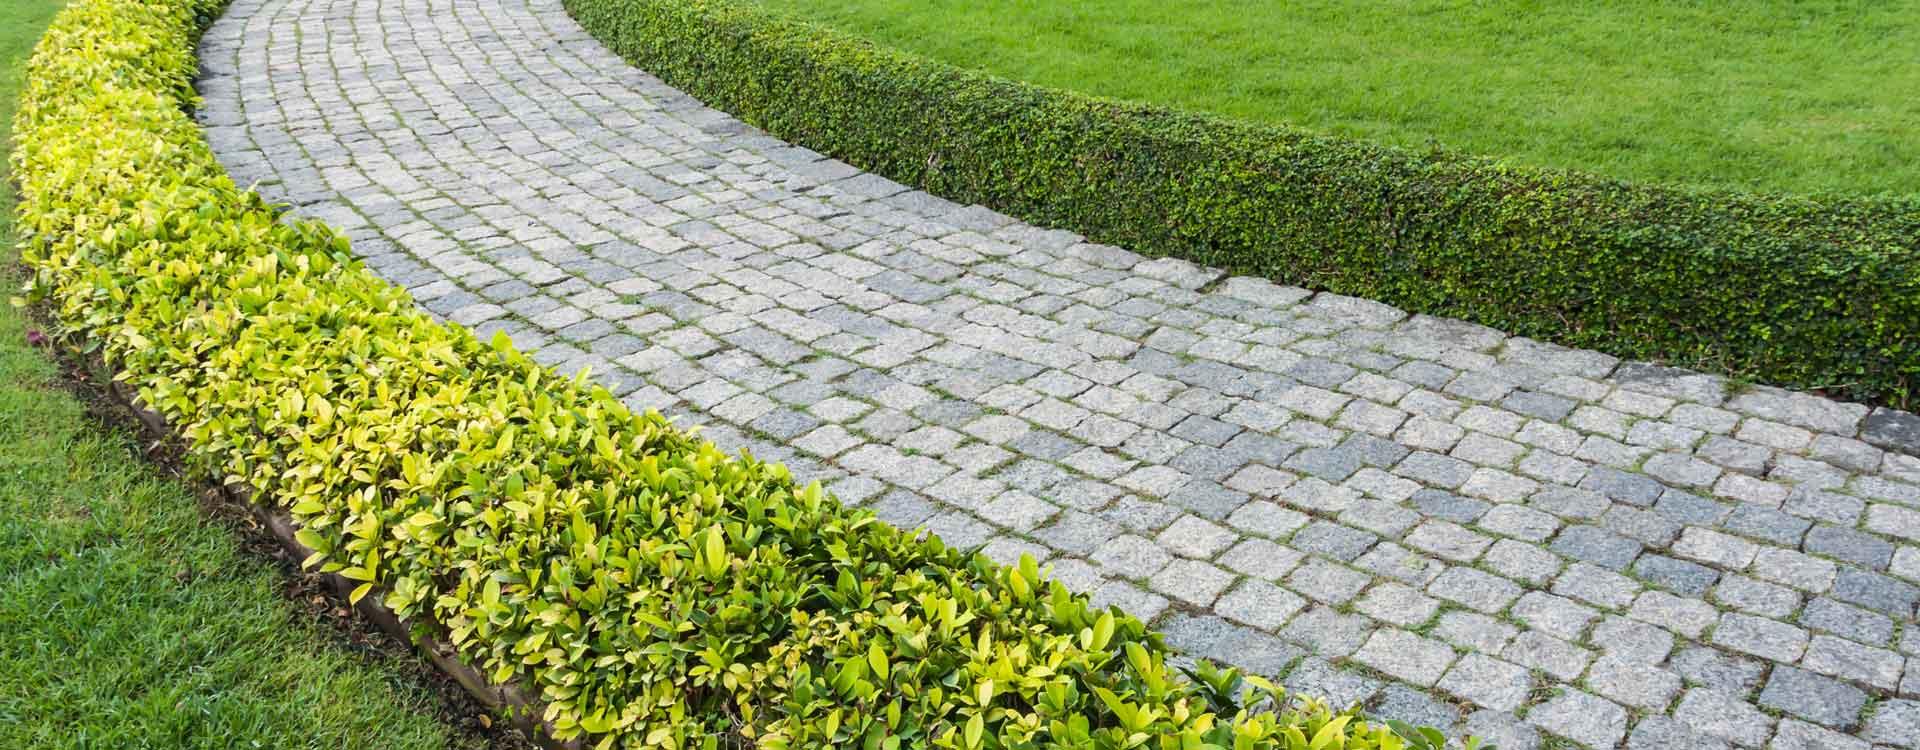 Contrat d'entretien parc et jardin